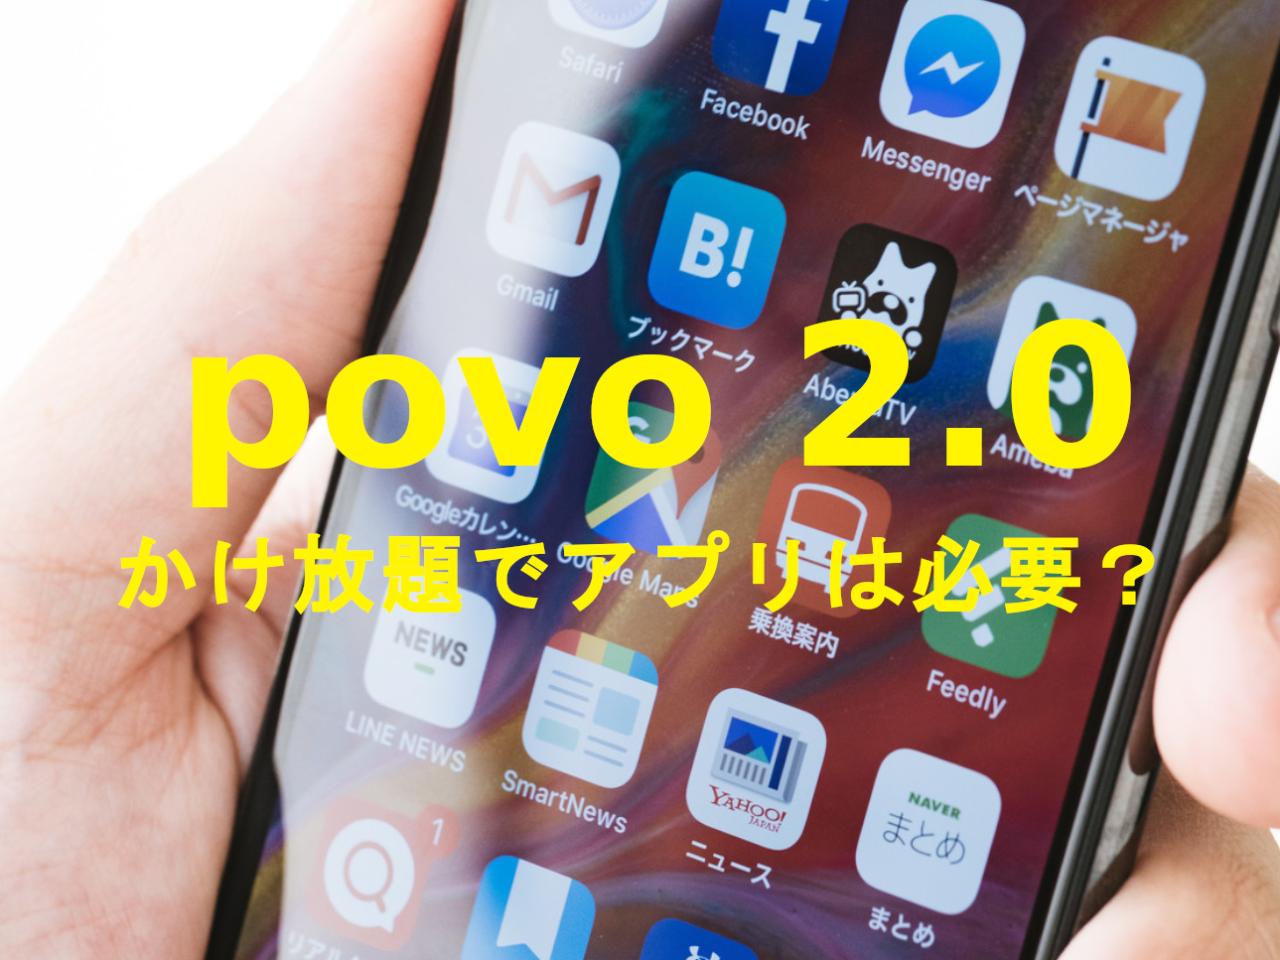 povo 2.0で通話定額かけ放題トッピングでアプリは必要?電話に専用アプリは不要?のサムネイル画像